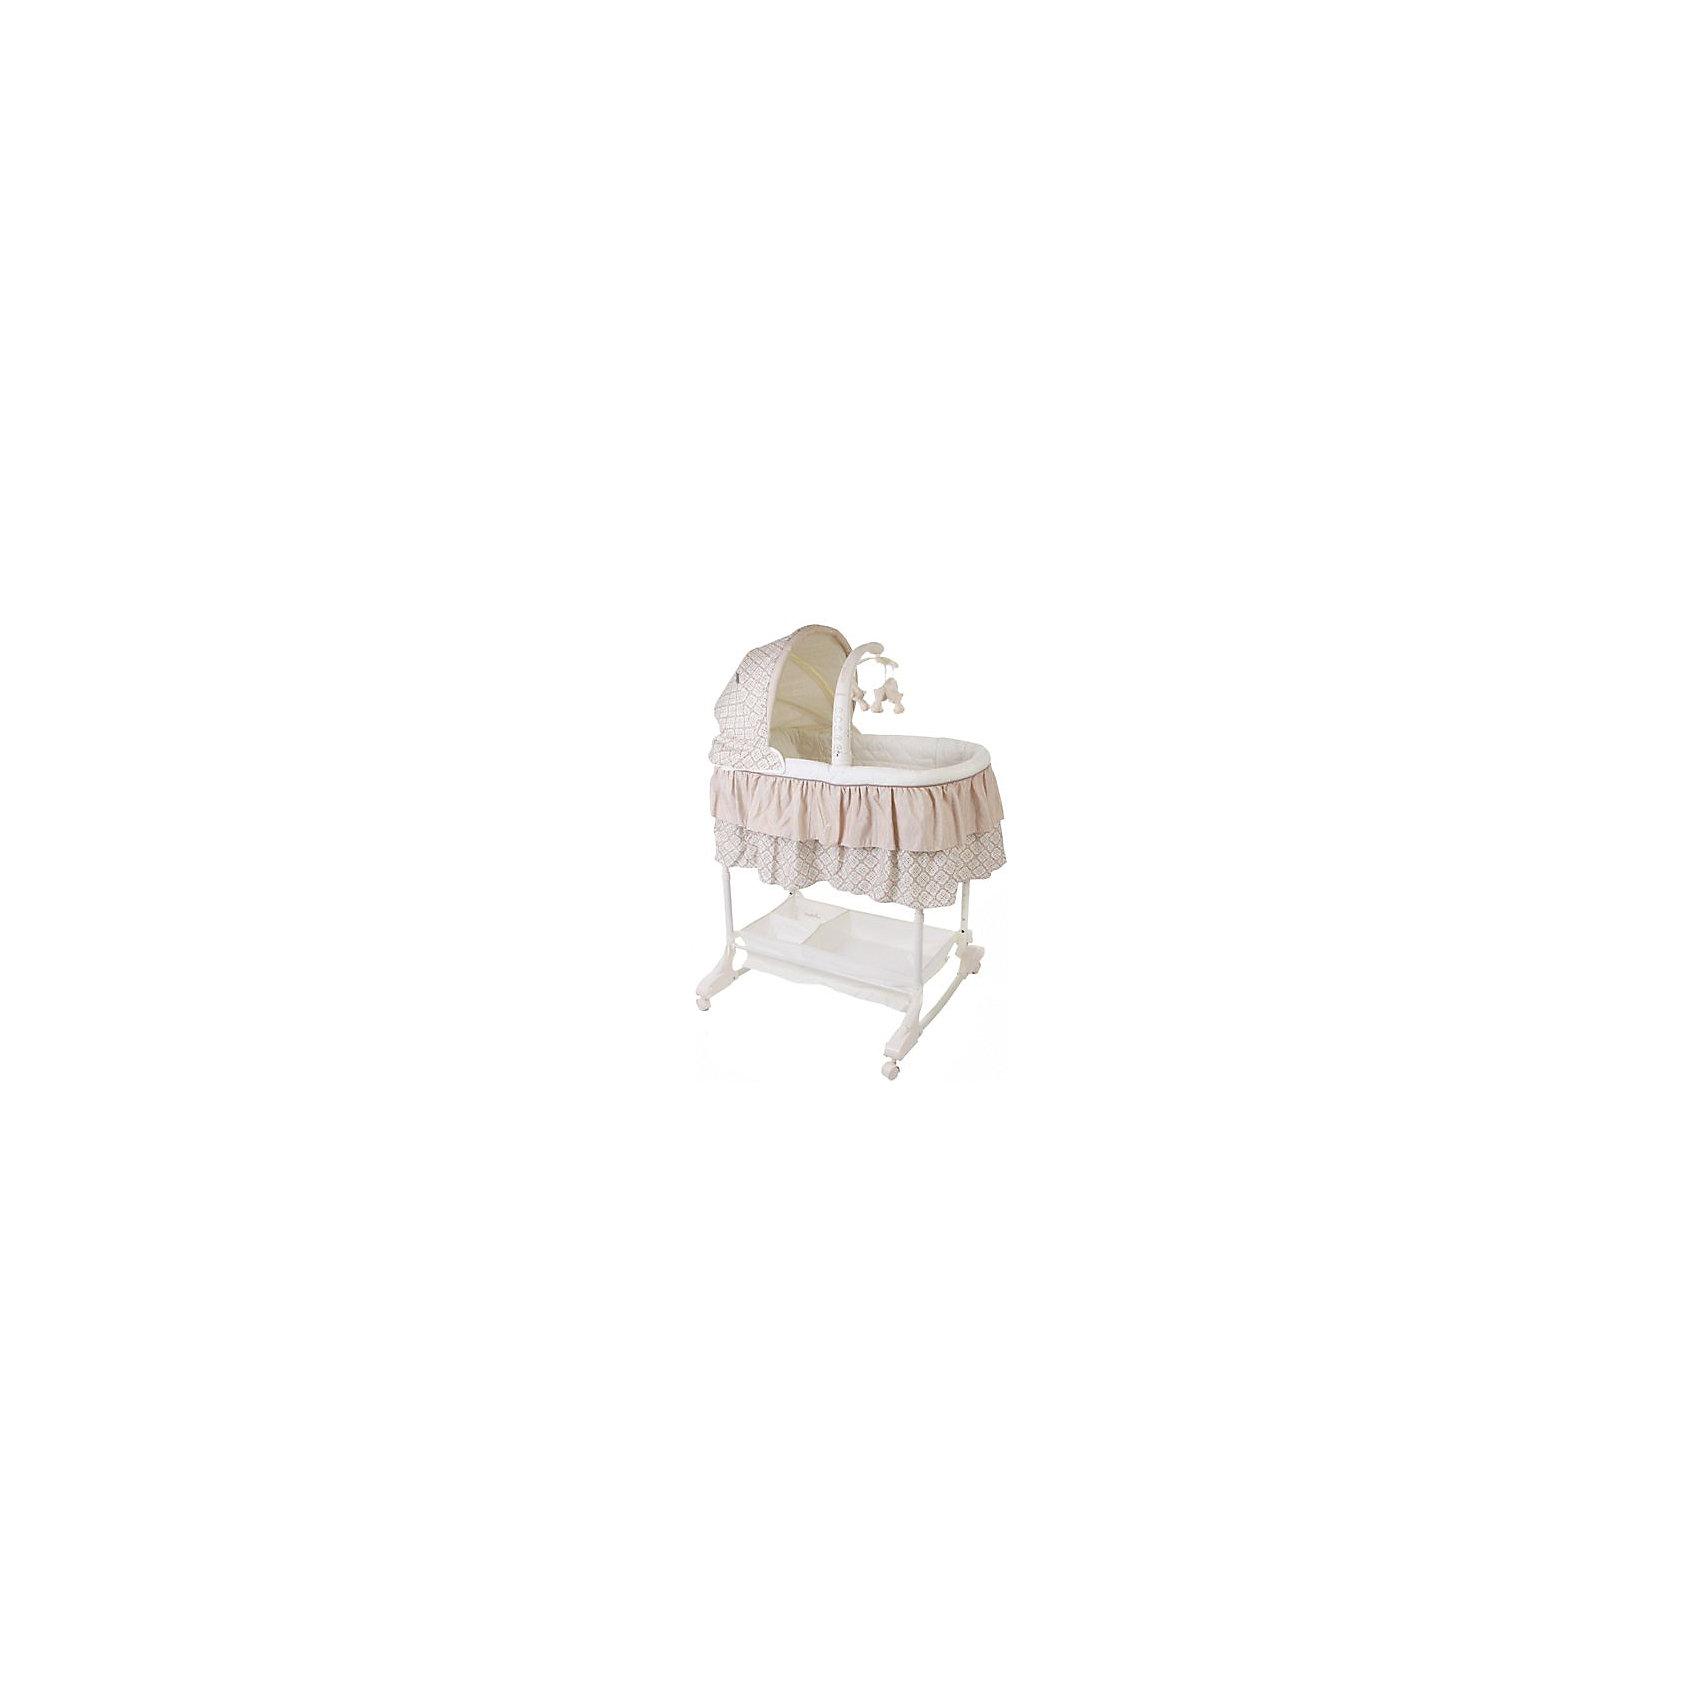 Кроватка-люлька 3 в 1 Sweet Dream, Jetem, кофейныйJetem Sweet Dream - функциональная кроватка-люлька, специально продуманная для установки рядом с кроватью мамы. <br>Откидывающийся бортик облегчает доступ к малышу во время кормления. Кроме того люльку можно зафиксировать у кровати с помощью специального ремня.<br> Высота люльки от пола регулируется в 5 положениях.  Кроватка оснащена колесами, благодаря чему ее удобно перемещать по квартире даже со спящим малышом. <br> Если это не требуется, колеса можно убрать.  Под люлькой есть корзинка для всех необходимых принадлежностей. Одна из главных особенностей кроватки - широкий спектр комплектующих.  Есть съемный пульт управления-модуль с игрушками на карусели, виброблок, ночник, музыкальный блок.  Кроме того на люльку можно закрепить съемный капор.     Описание:- Съемная электронная карусель с подвесными игрушками и мерцающими огоньками;- электронный блок с вибрационной системой и колыбельными мелодиями;- ночник;- удобный матрасик с простынкой;- пять уровней высоты;- большая корзина для хранения вещей или игрушек;- трансформируется в качалку;- легко снимающиеся для чистки части из ткани;- откидной борт;- может трансформироваться в удобный пеленальный столик.<br>    Характеристики:- Вес: 8 кг.- Размер колыбели: 80x43x24 см.- Высота от пола до 1 уровня: 60 см , до 5 уровня: 80 см.<br><br>Ширина мм: 890<br>Глубина мм: 490<br>Высота мм: 160<br>Вес г: 9800<br>Возраст от месяцев: 0<br>Возраст до месяцев: 3<br>Пол: Унисекс<br>Возраст: Детский<br>SKU: 5493349